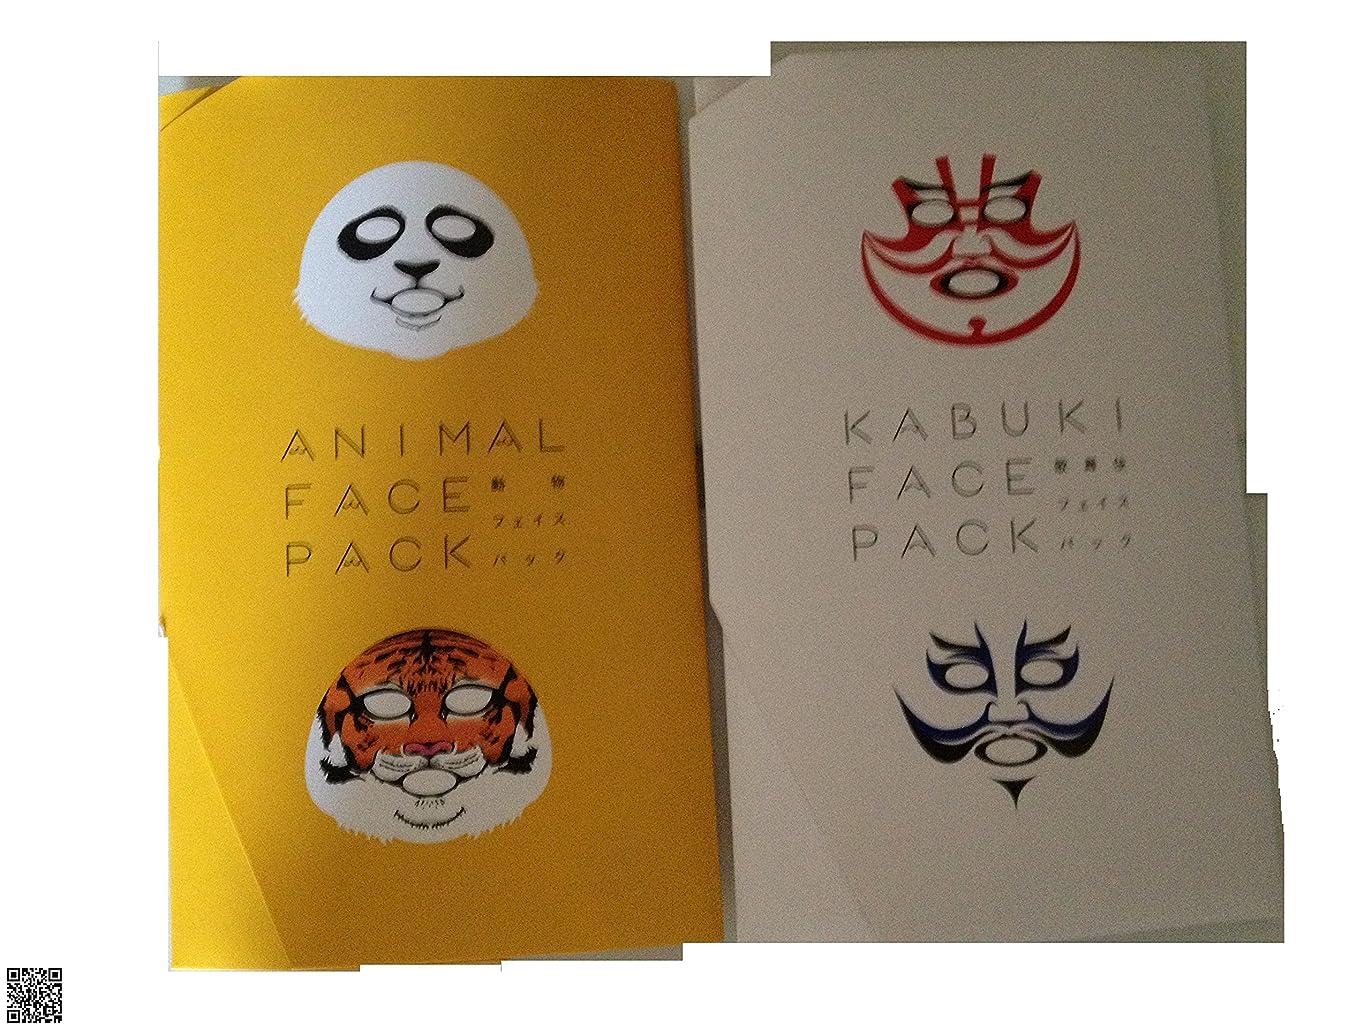 スタッフリハーサル暴君歌舞伎フェイスパック&動物フェイスパック KABUKI FACE PACK&ANIMAL FACE PACK